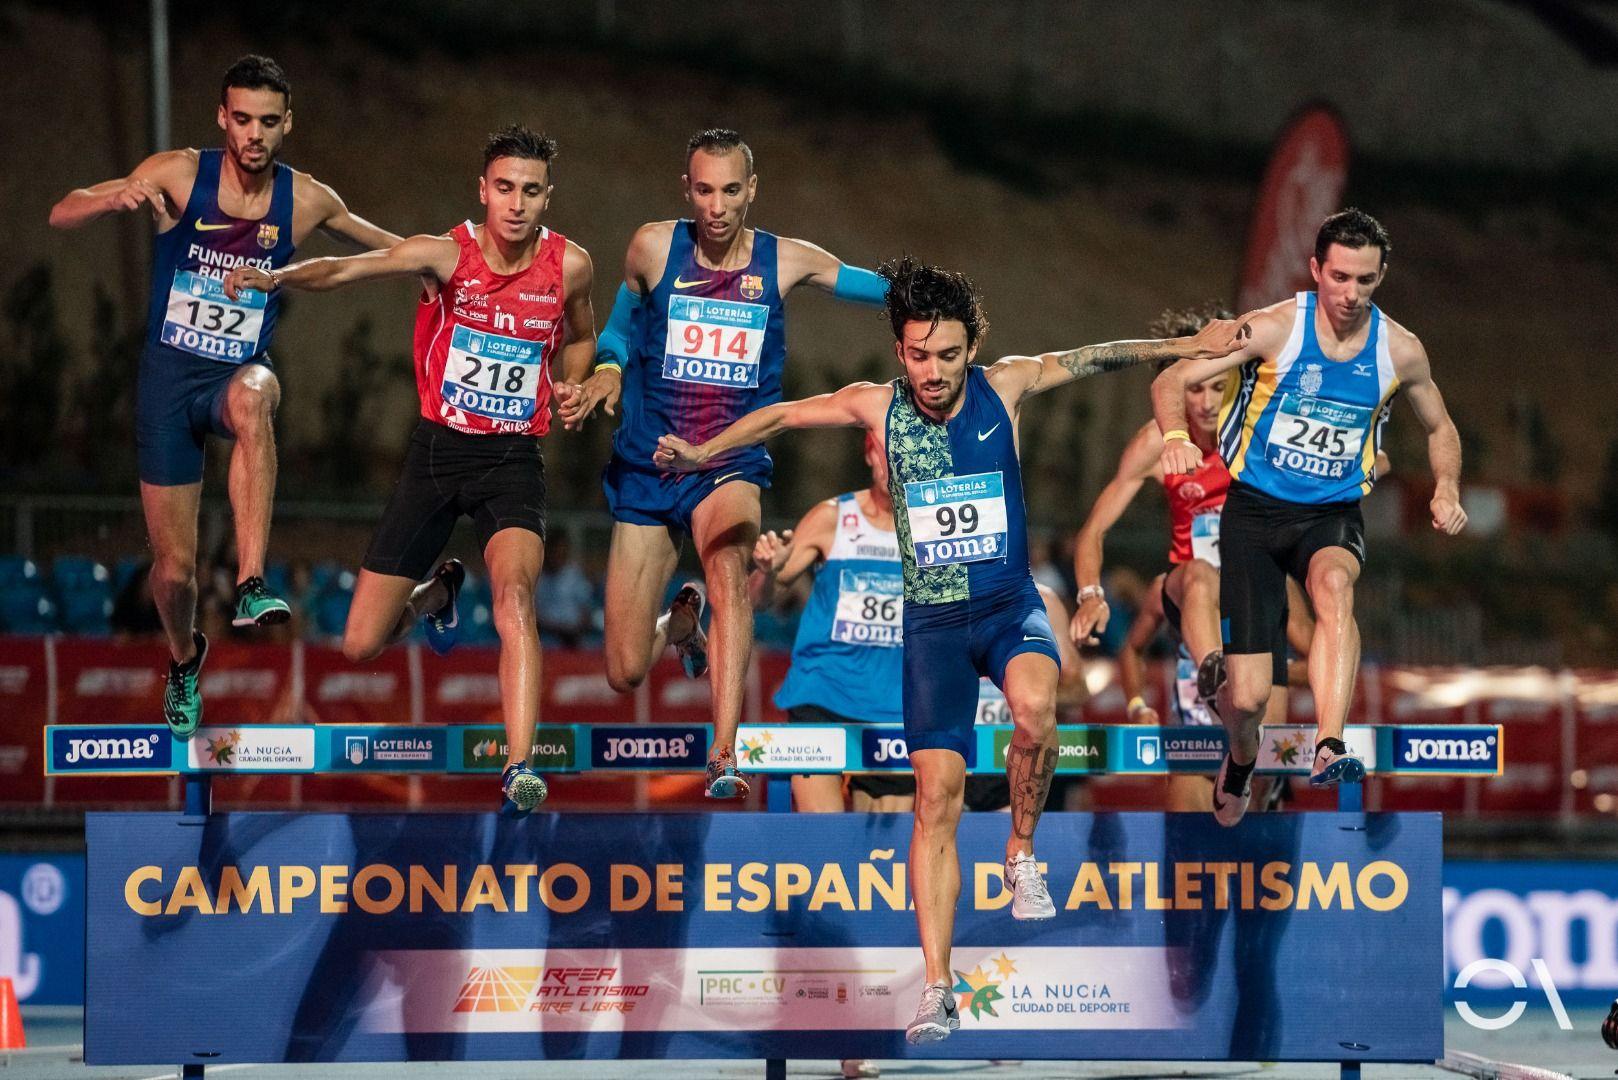 Campeonato de España de Atletismo La Nucía 2019 | JORNADA 2